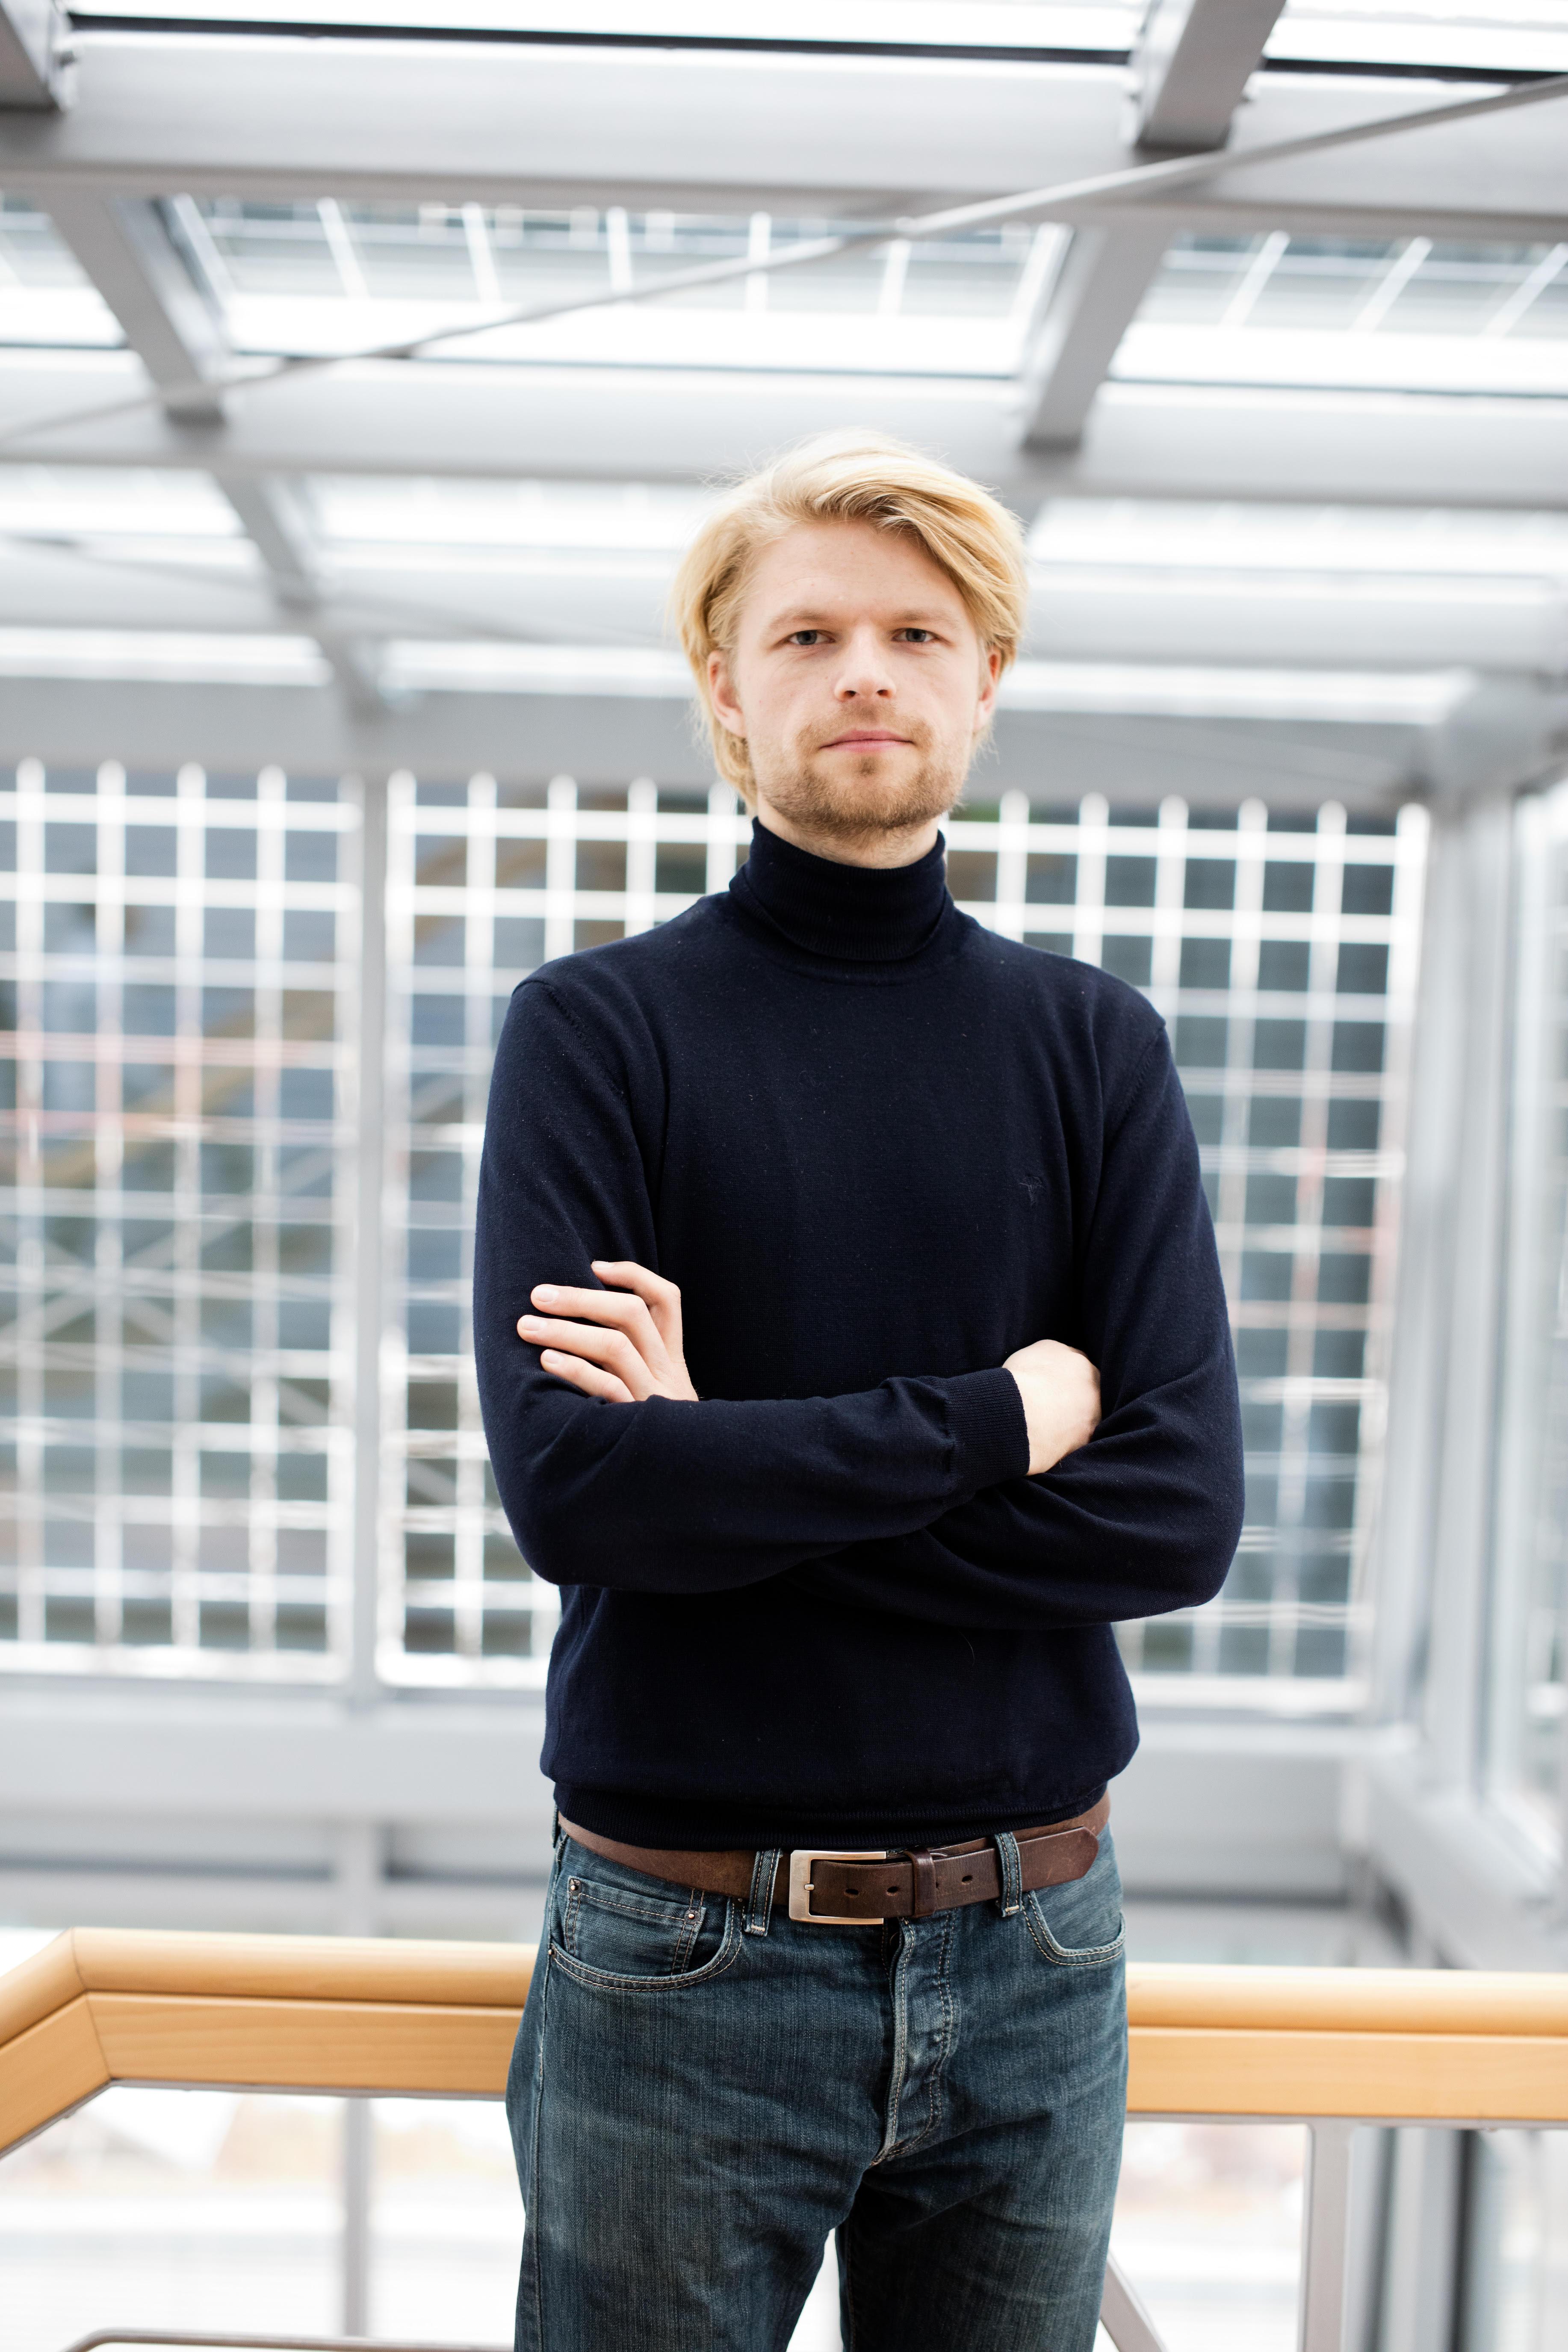 Unternehmenskultur entwickeln - Armin Steuernagel #638